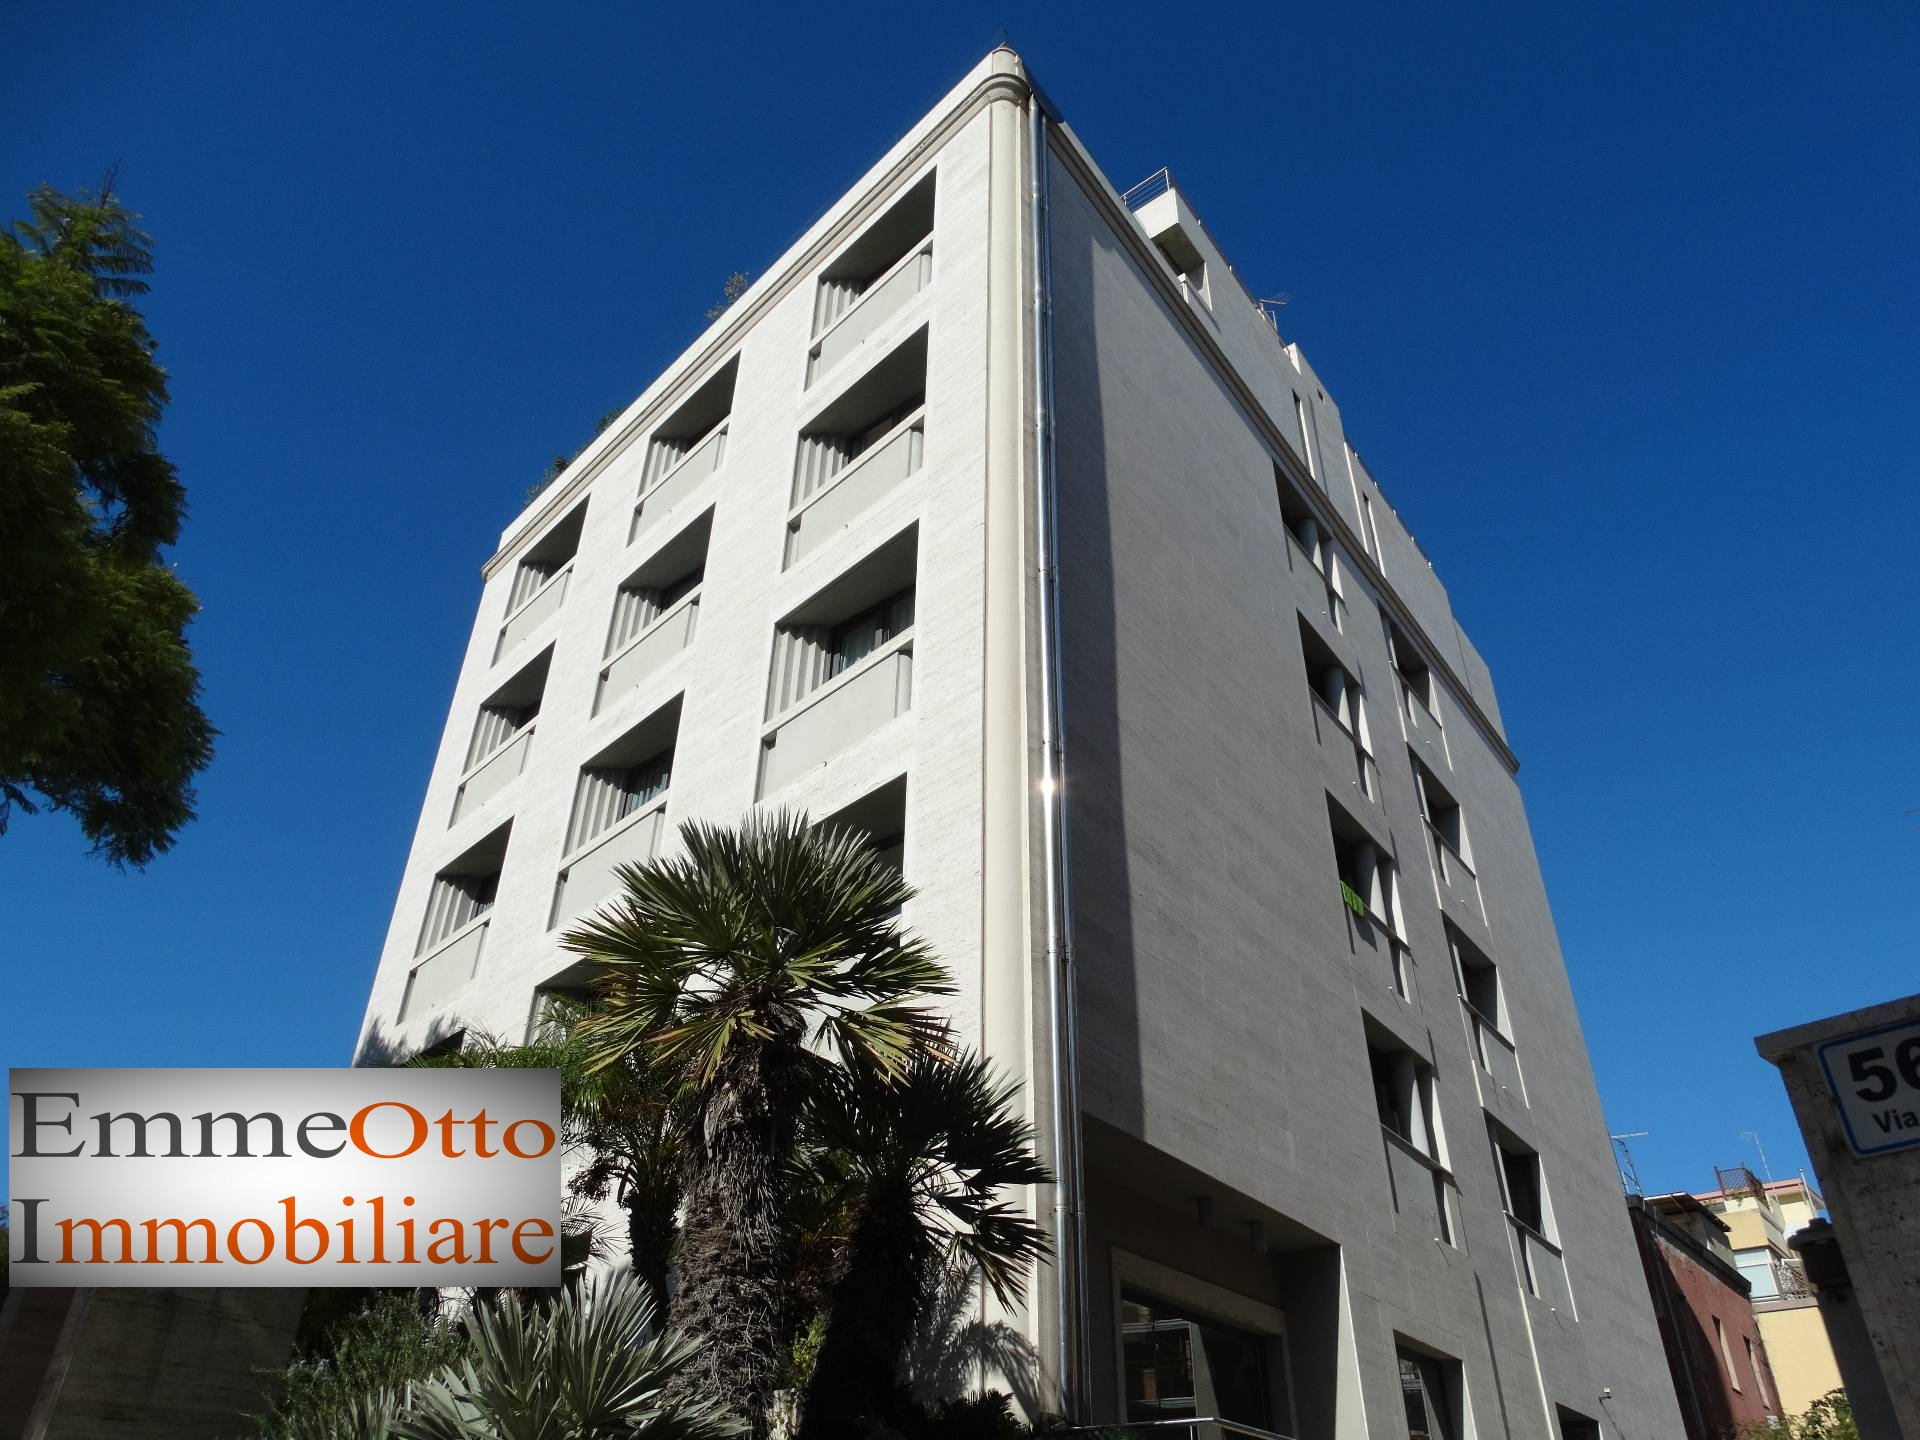 Appartamento in affitto a Cagliari, 4 locali, zona Zona: Bonaria, prezzo € 1.100 | CambioCasa.it